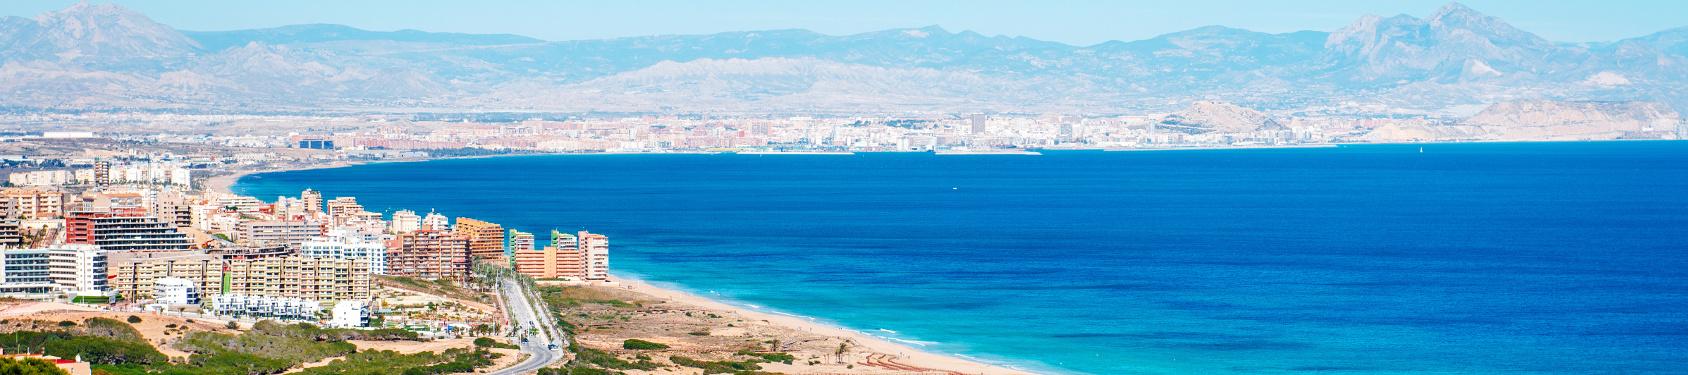 Bild von Provinz Alicante